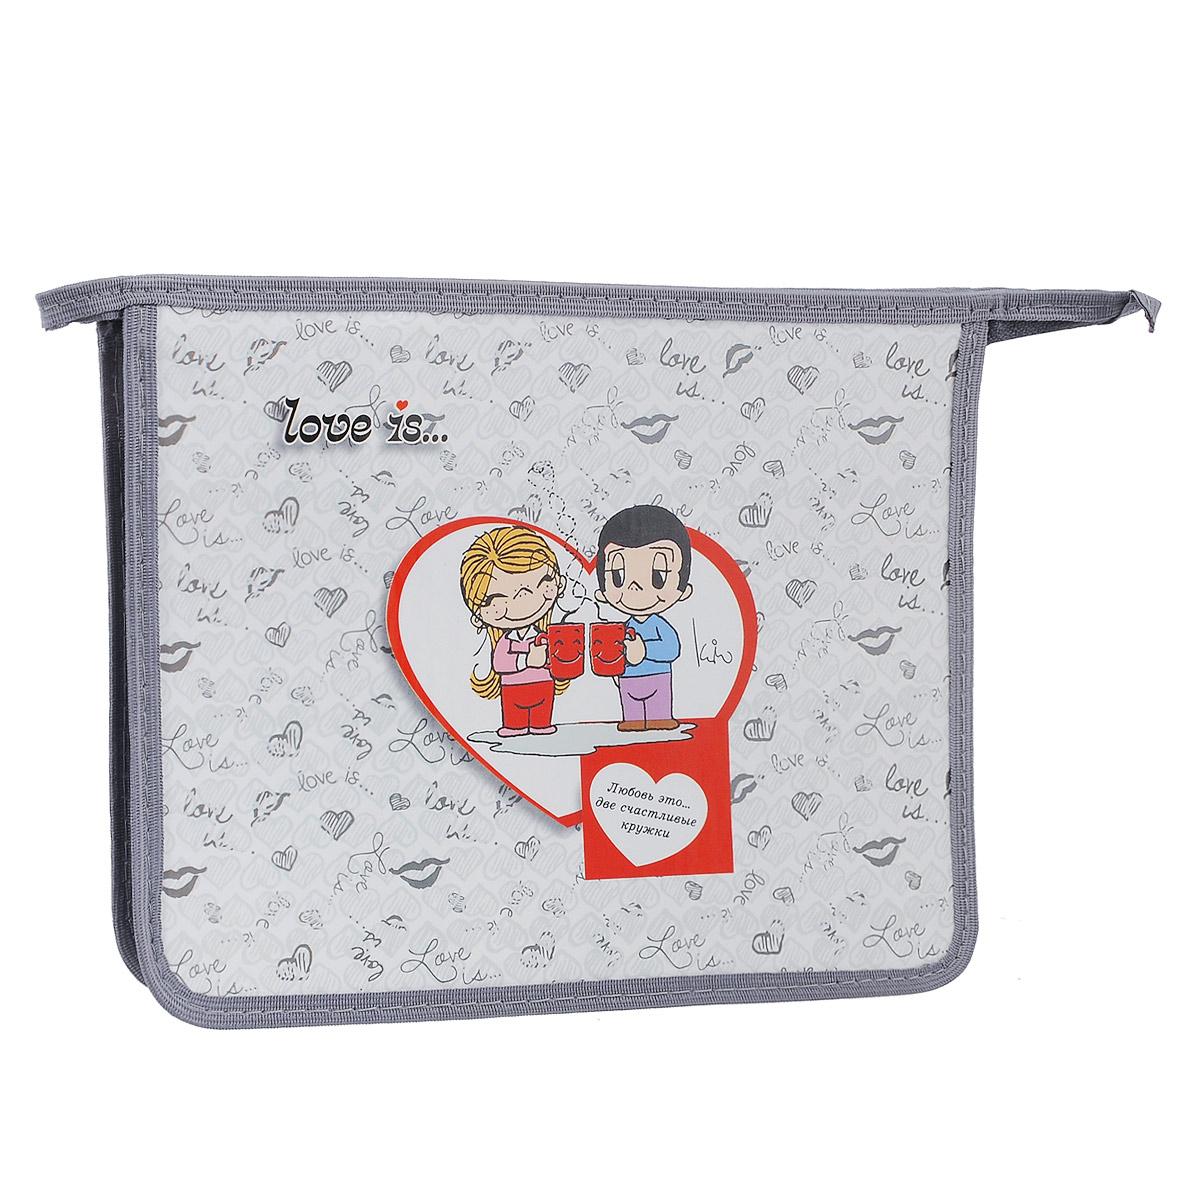 Action! Папка для тетрадей Love is цвет белый серыйLI-FZA5-1Папка Action! Love is предназначена для хранения тетрадей, рисунков и прочих бумаг с максимальным форматом А5. Папка выполнена из прочного материала и содержит одно отделение. Закрывается она на застежку-молнию. Лицевая сторона папки оформлена изображениями двух влюбленных и надписью Любовь это... две счастливые кружки. С папкой Action! Love is тетради вашего ребенка всегда будут выглядеть опрятно.